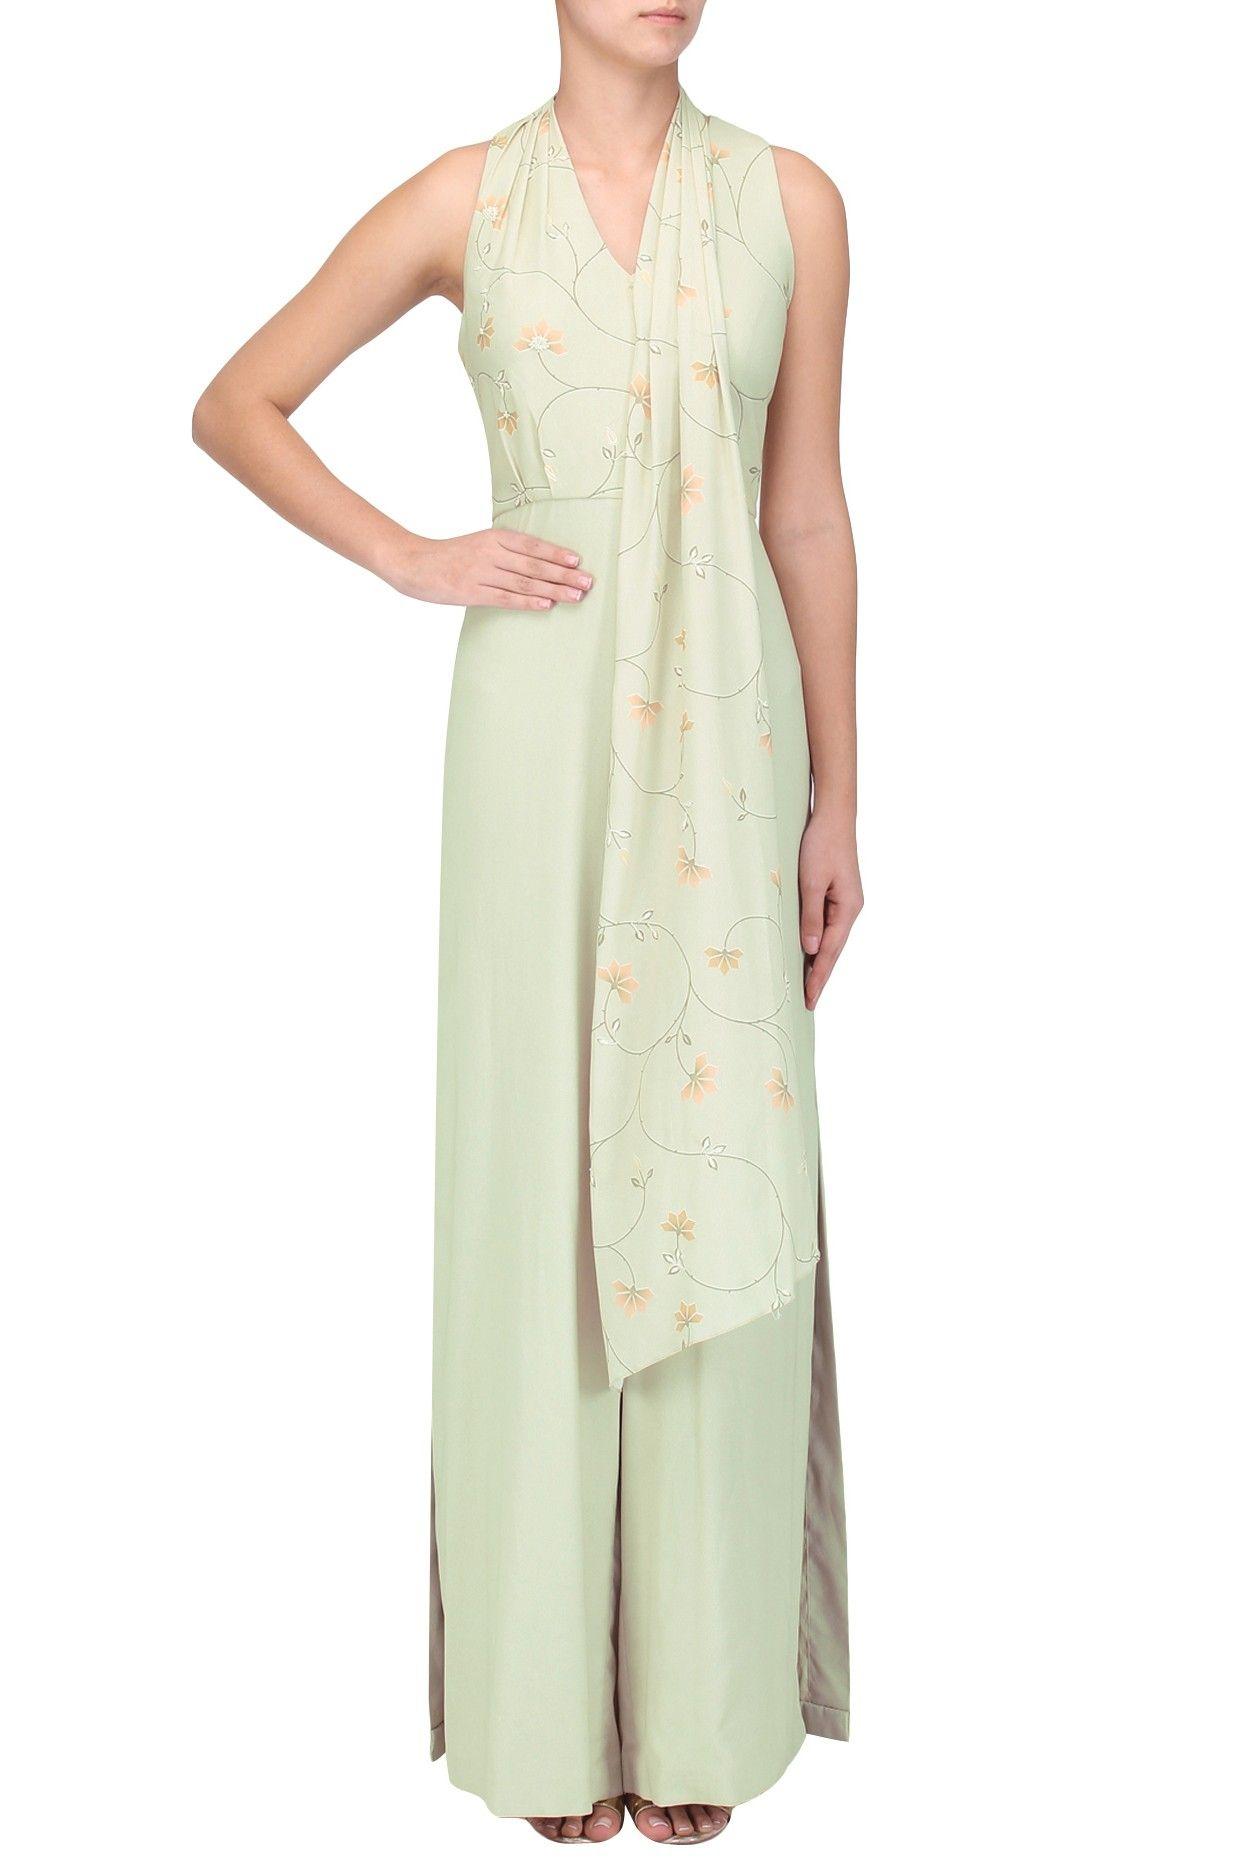 7c3cce2cd8 SANA BARREJA Mint green printed embellished draped jumpsuit. Shop now!   sanabarreja  mint  prints  embellishment  jumpsuits  green   indiandesigners ...